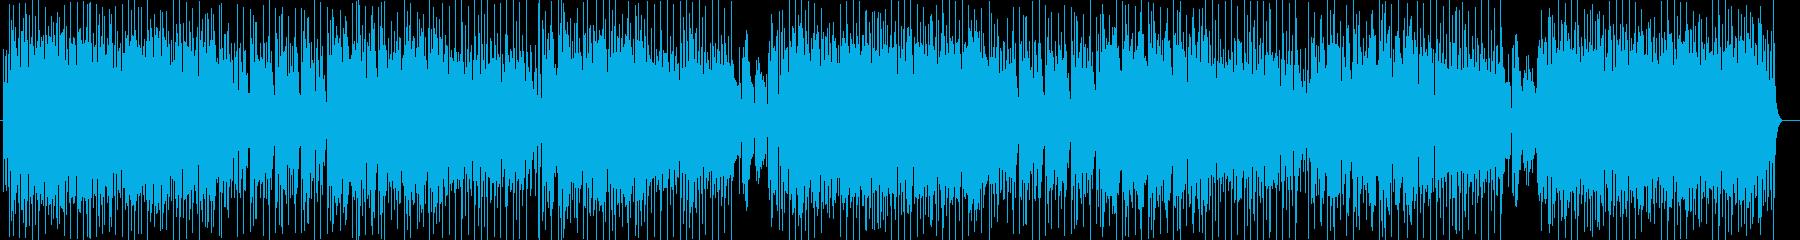 メロディアスなストリングスポップの再生済みの波形